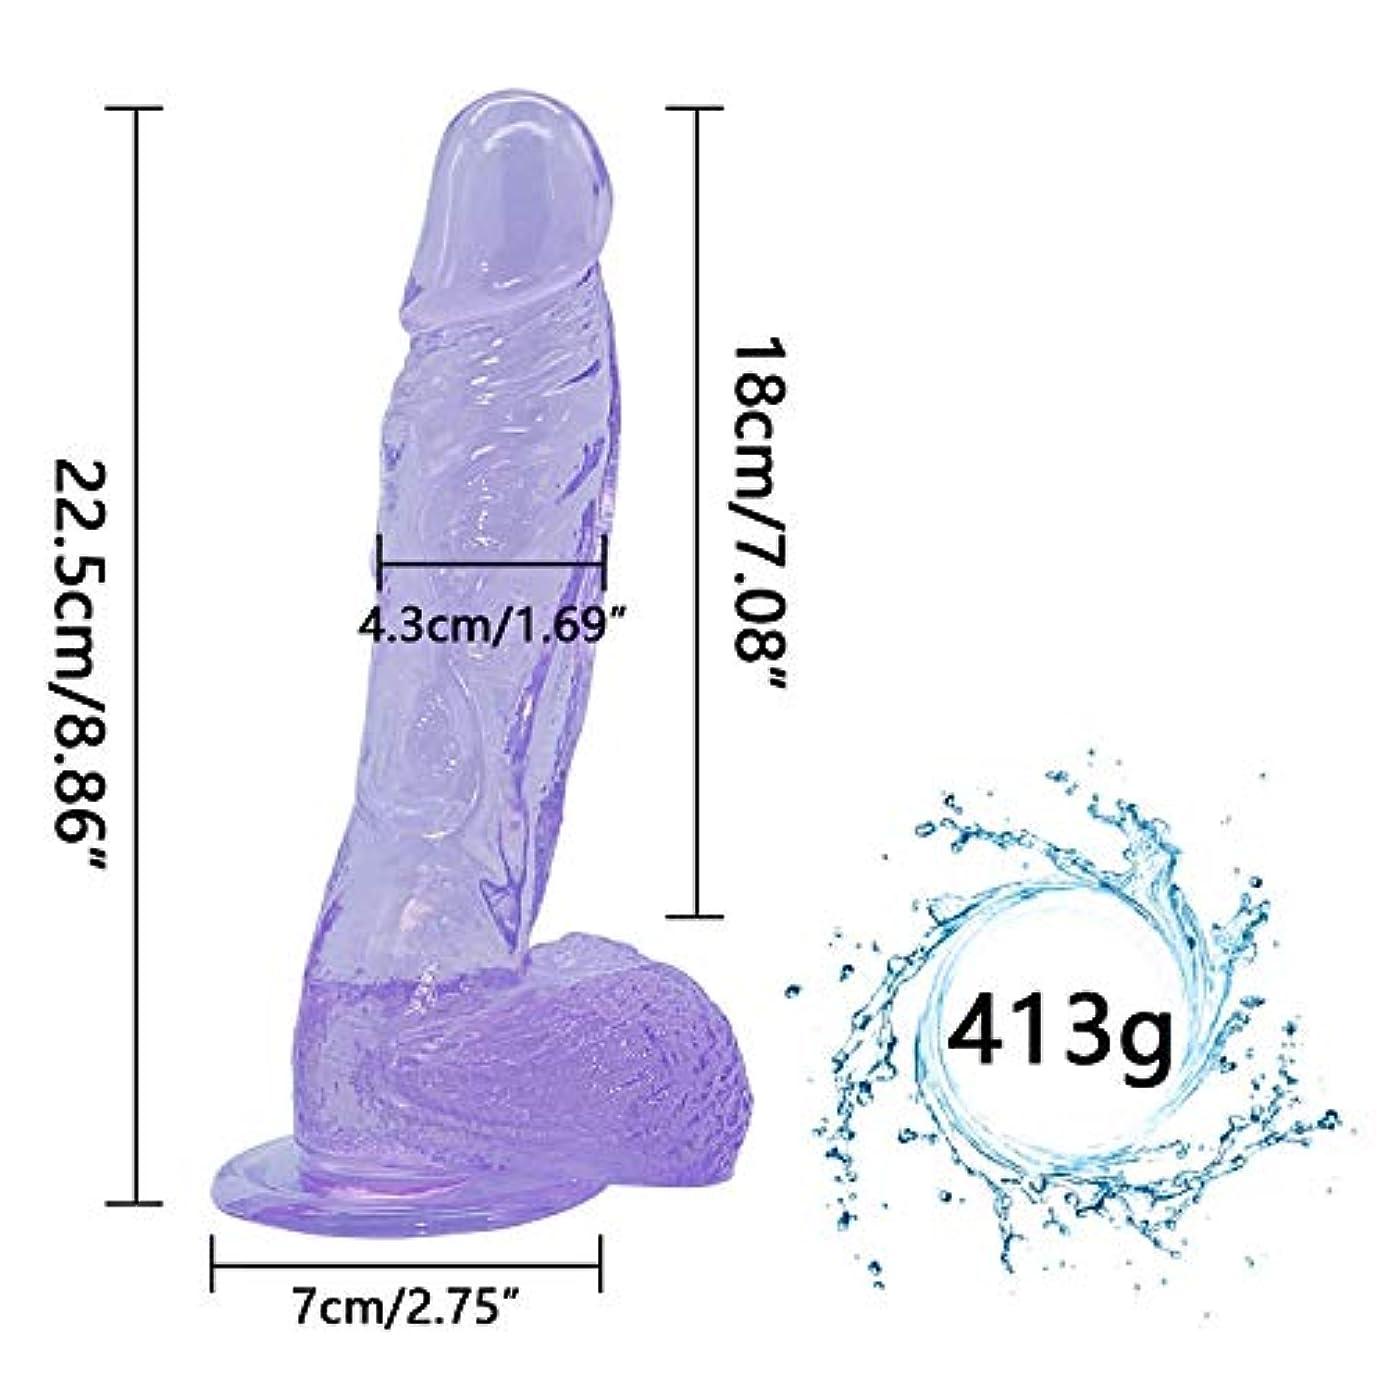 スナック明確に不適当ChenXiDian 巨大な洞8.86インチのリアルなマッサージャー強力なサクションカップボディマッサージを備えた巨大なマッサージャー-機密配送-慎重な配送-出会いは秘密です 本当の感触